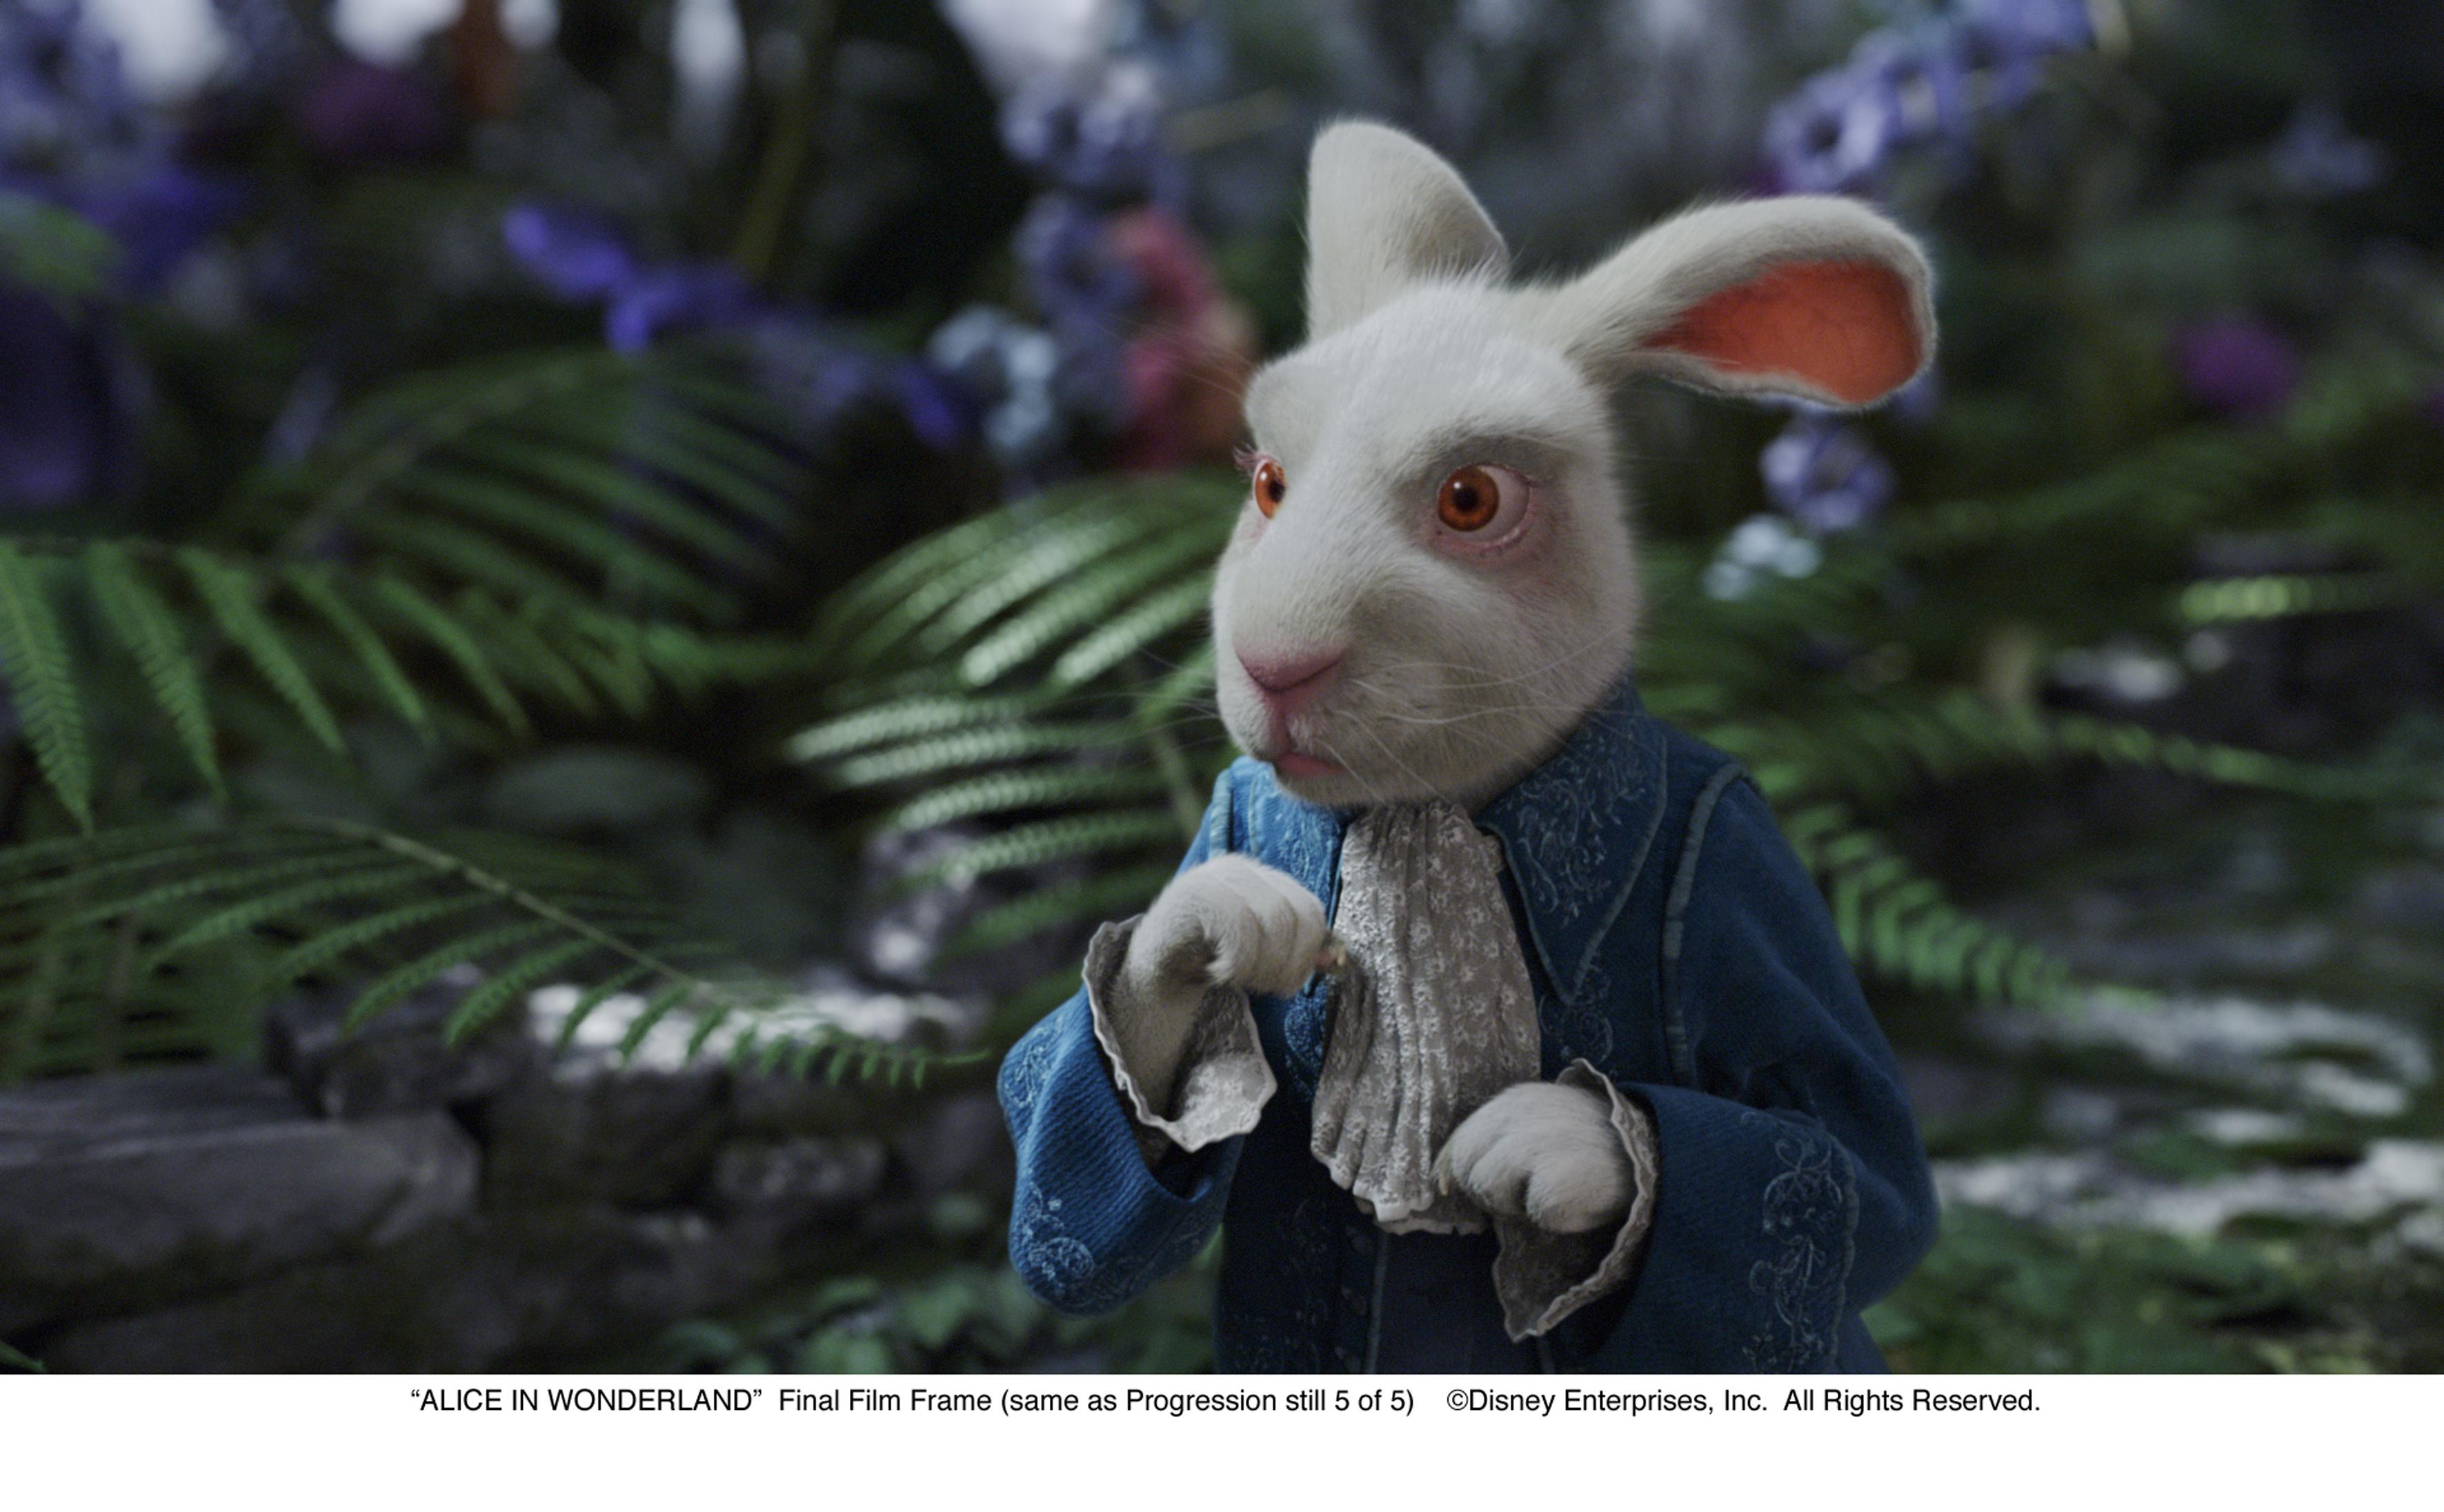 alice in wonderland character descriptions 2010